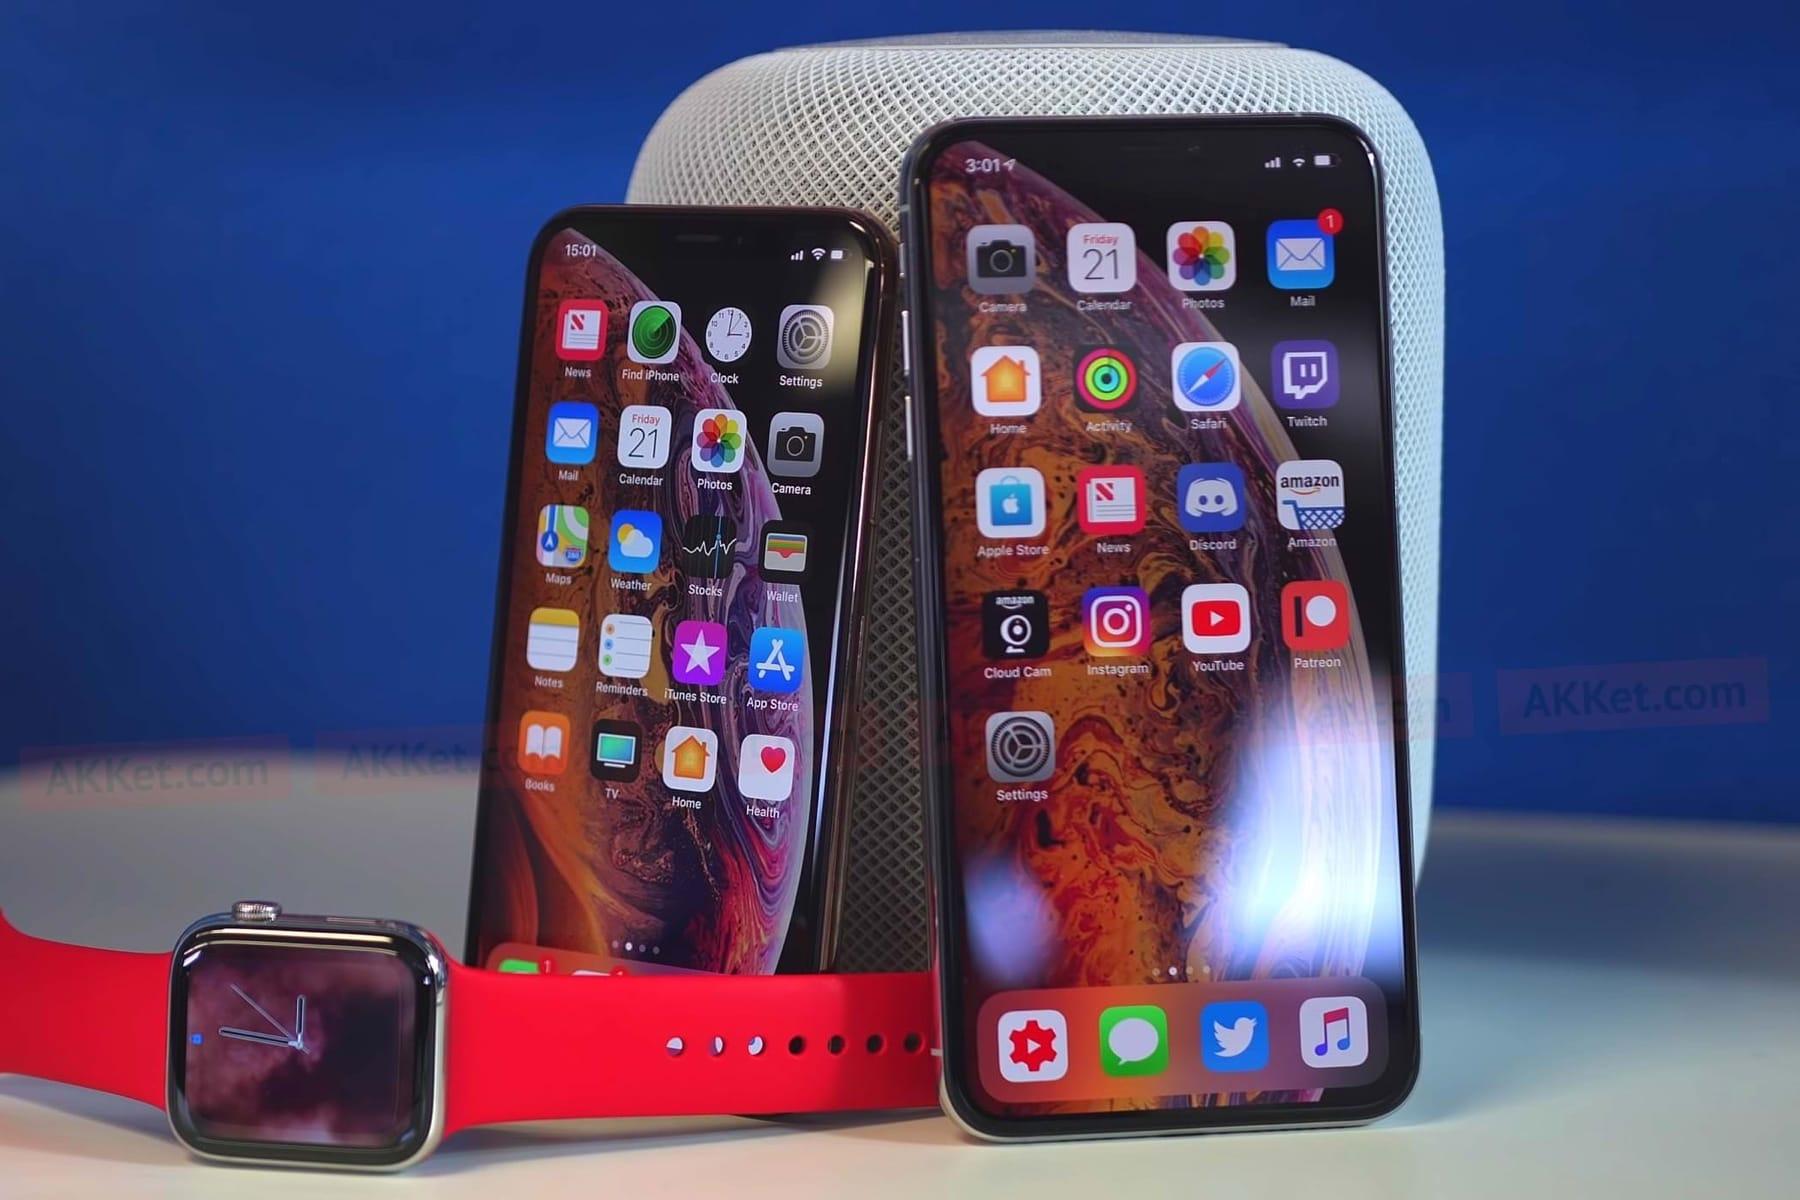 e96218f09afd Магазины «МТС» и «МегаФон» по всей России принимают к обмену смартфоны от  Samsung, LG, Sony и Apple. Желающий воспользоваться специальным  предложением ...